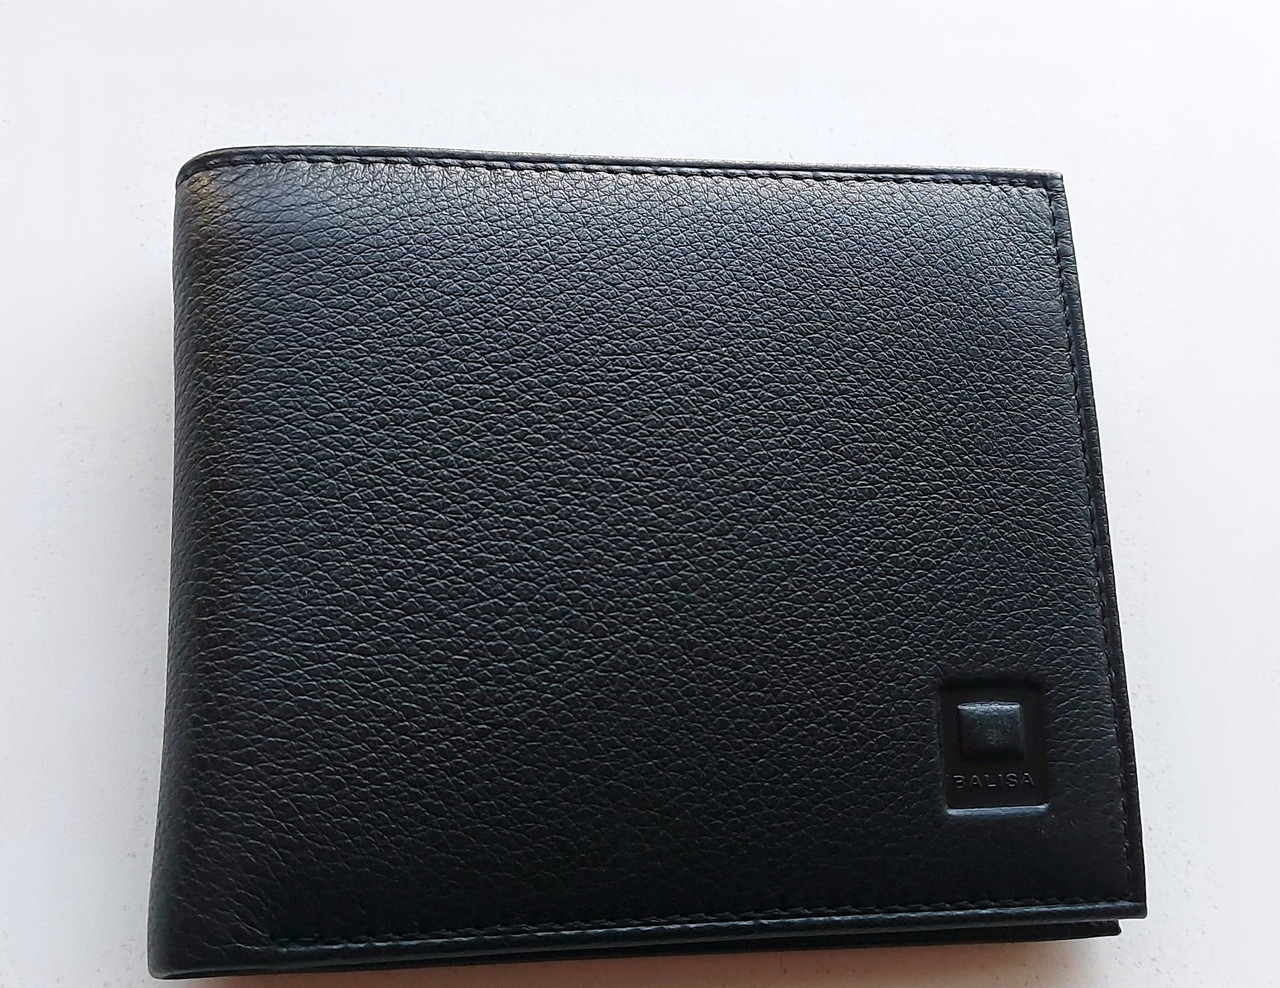 Мужское кожаное портмоне BA 6-10 black, купить мужское портмоне Balisa недорого в Украине